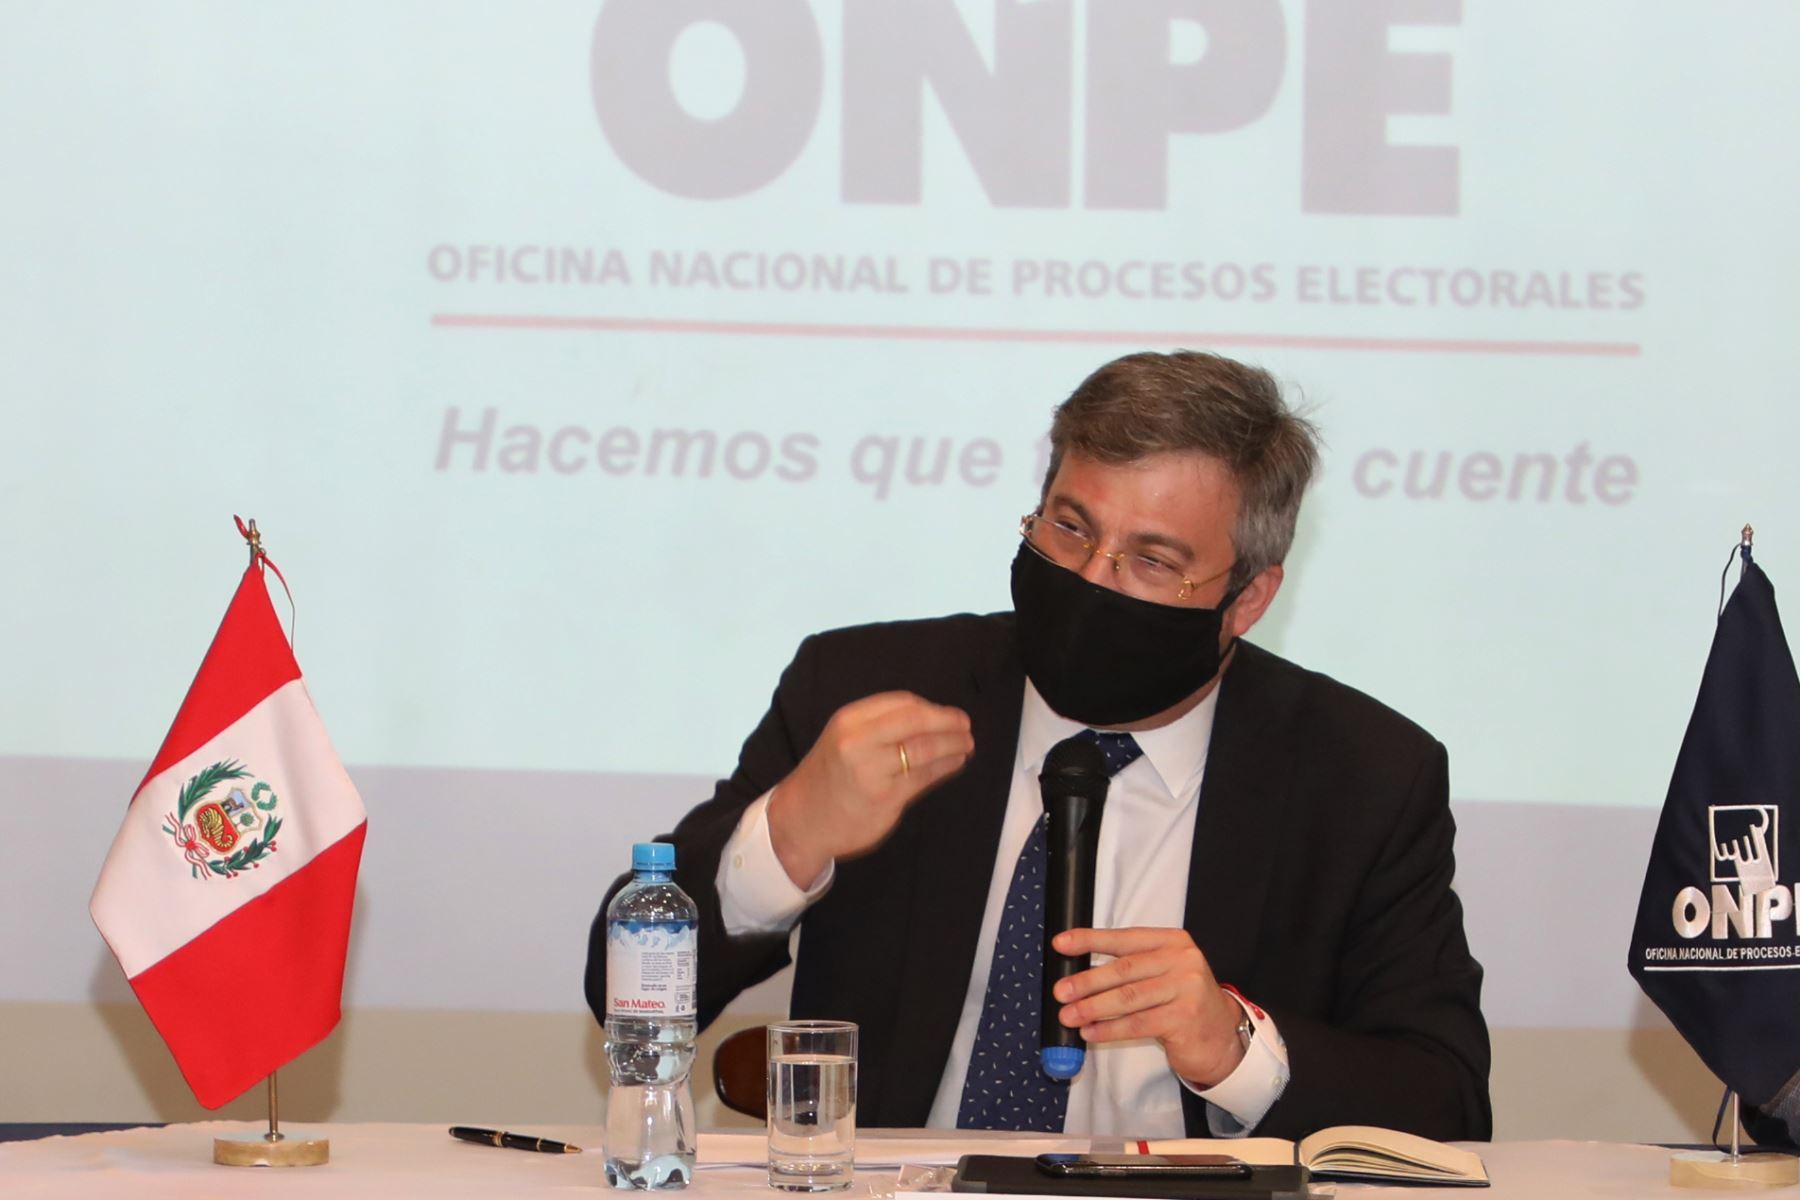 Foto: ANDINA/difusión,